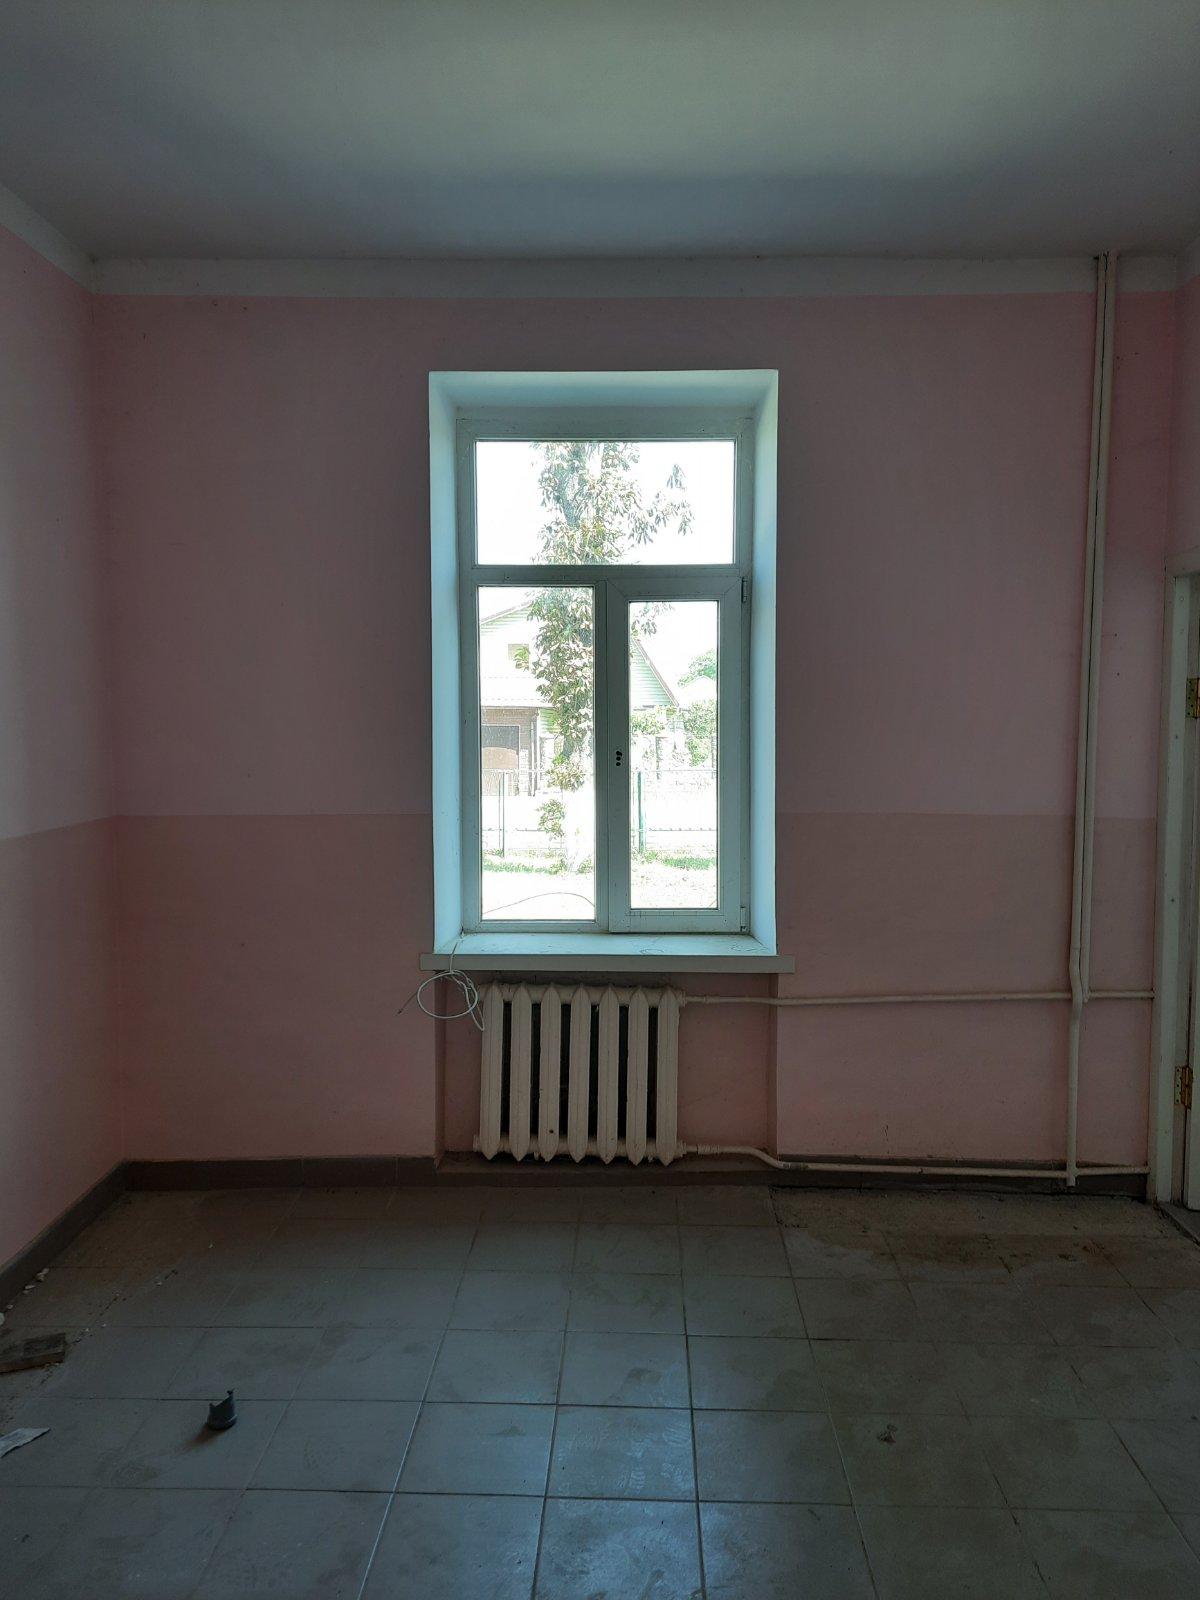 Оренда частини нежитлового приміщення 1 та 2 -го поверху, площею 724,5 кв.м. , що знаходиться за адресою: м. Козятин, вул. Незалежності, 75